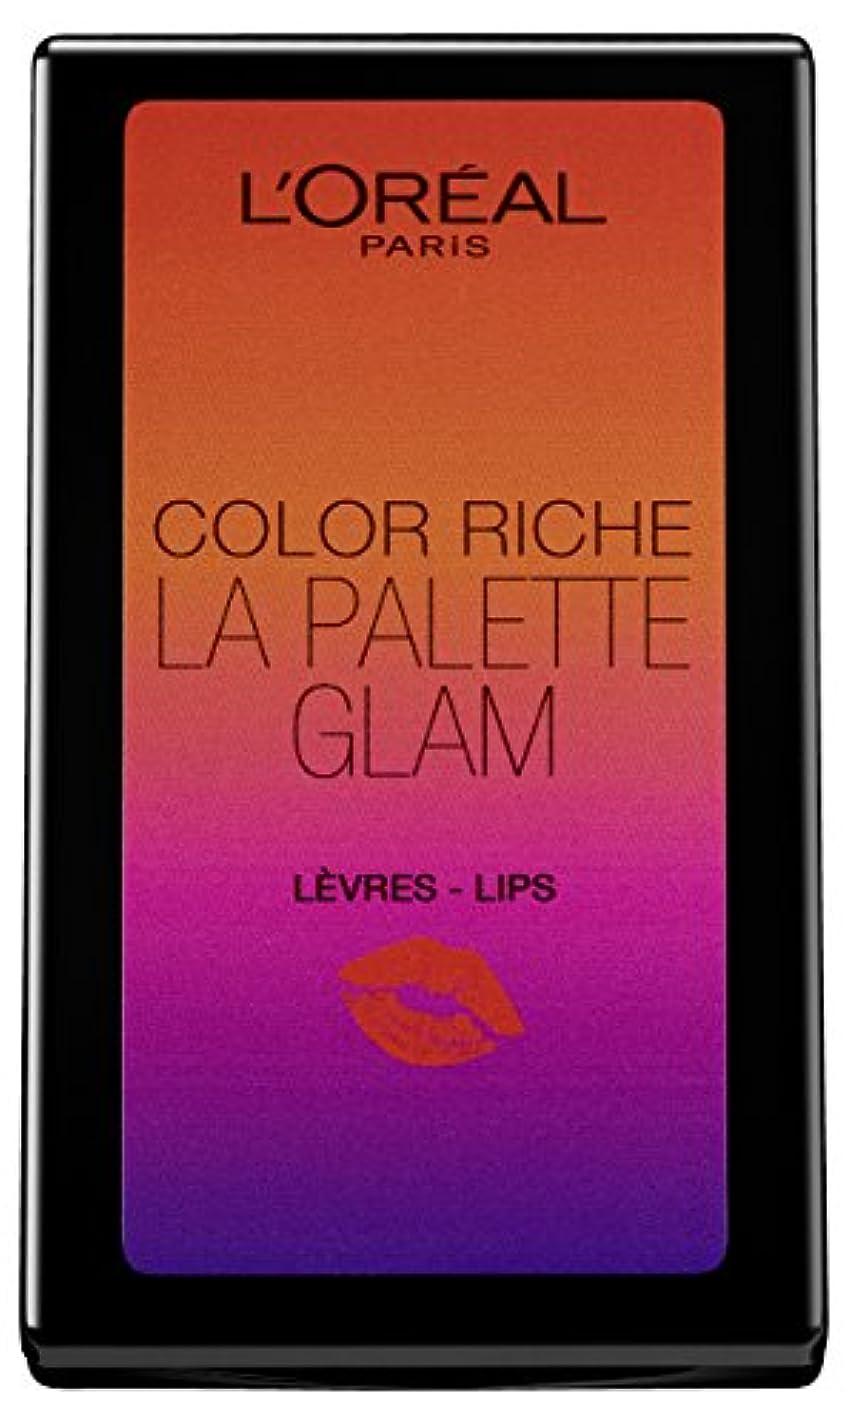 許される経験的本当のことを言うとL'Oréal Paris Color Riche La Palette Glam Lips, 1er Pack (1 x 7 g)